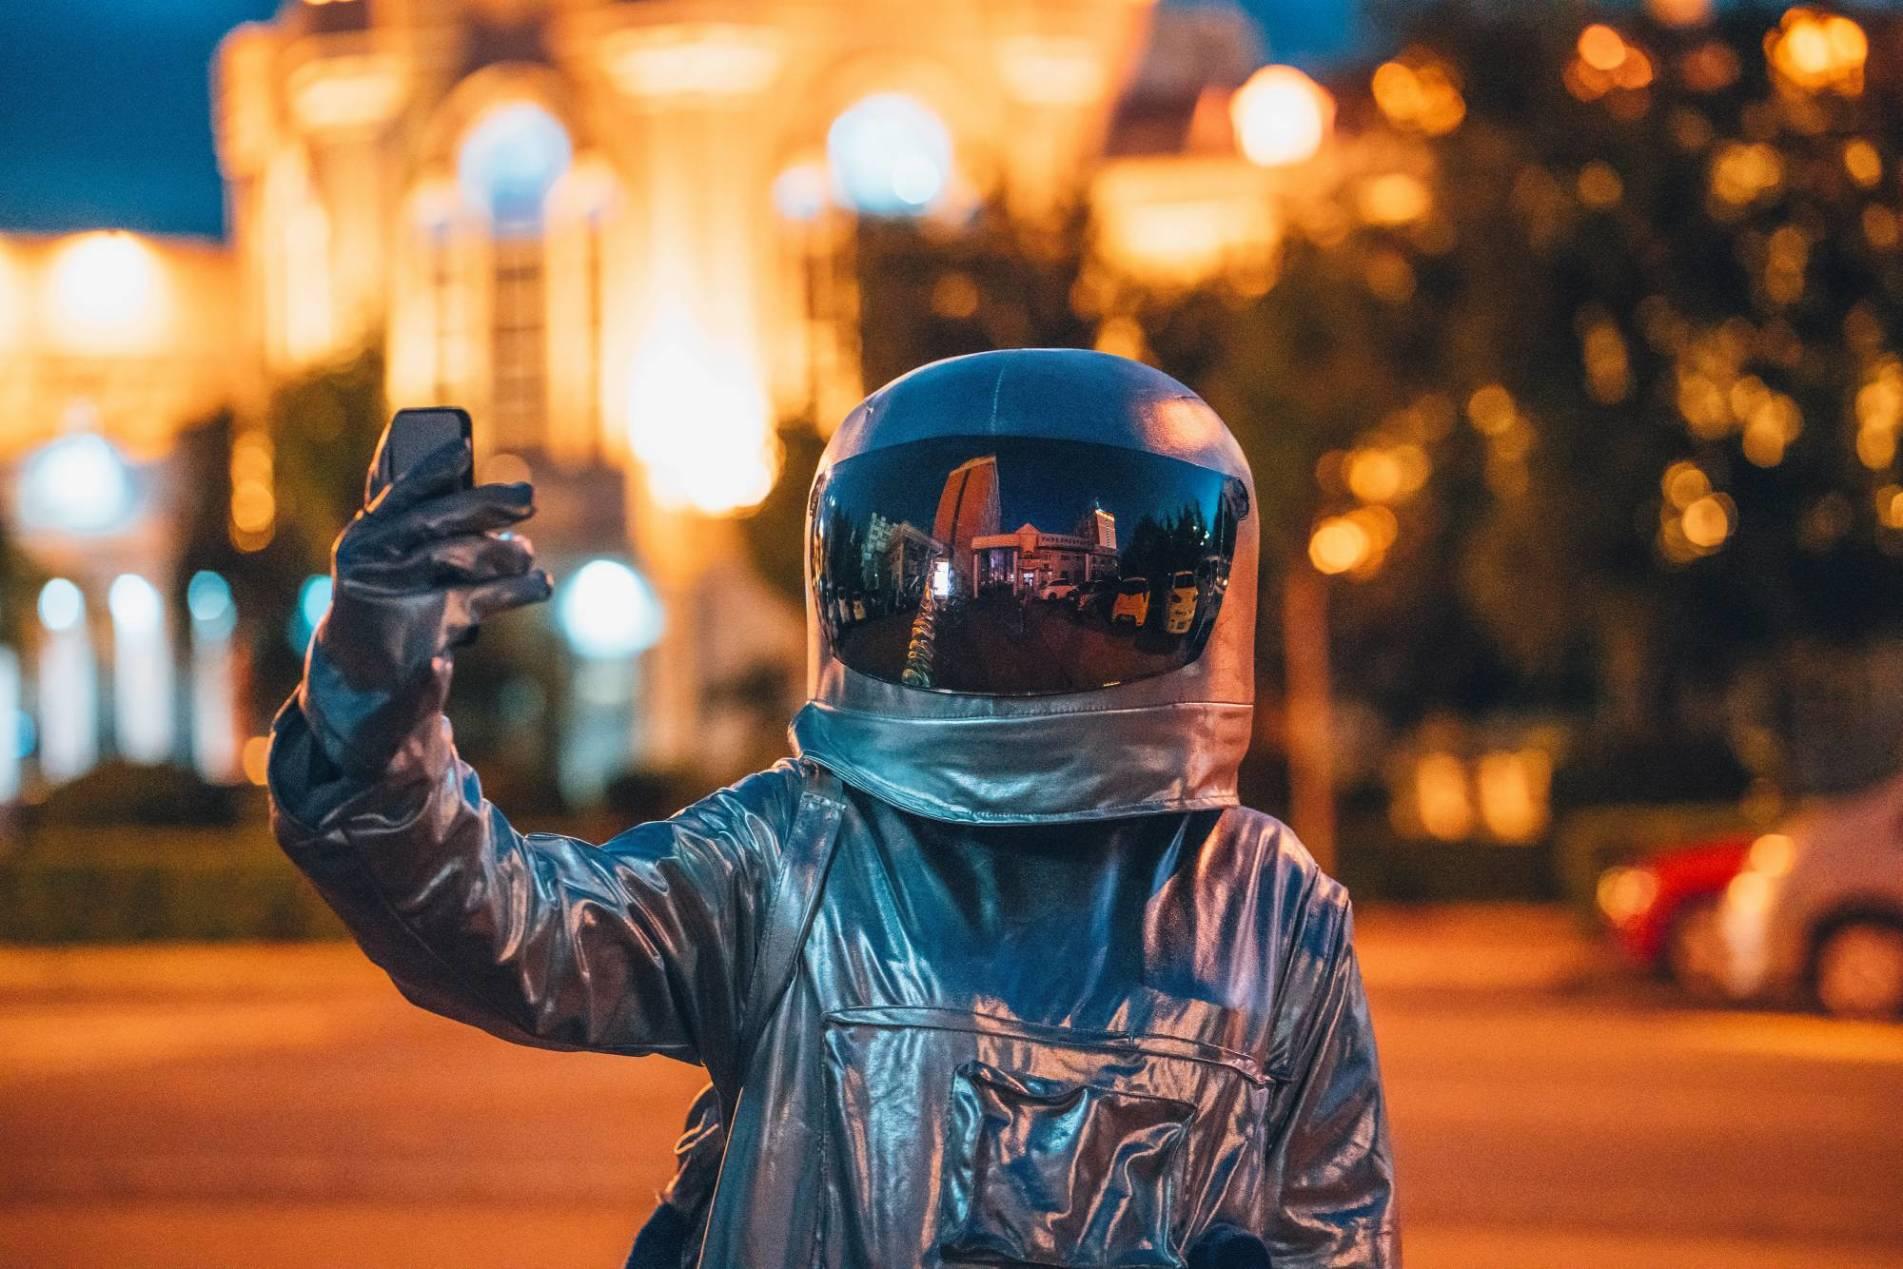 VP 6269648,  Spaceman on a street in the city at night holding smartphone  [Urhebervermerk: Vasily Pindyurin/Westend61/vario images]  [JEGLICHE VERWENDUNG nur gegen HONORAR und BELEG. URHEBER/AGENTURVERMERK wird gemaess Paragraph 13 UrhG und unserer AGB ausdruecklich verlangt. Es gelten ausschliesslich unsere AGB. Tel: +49-(0)228-935650, www.vario-images.com]